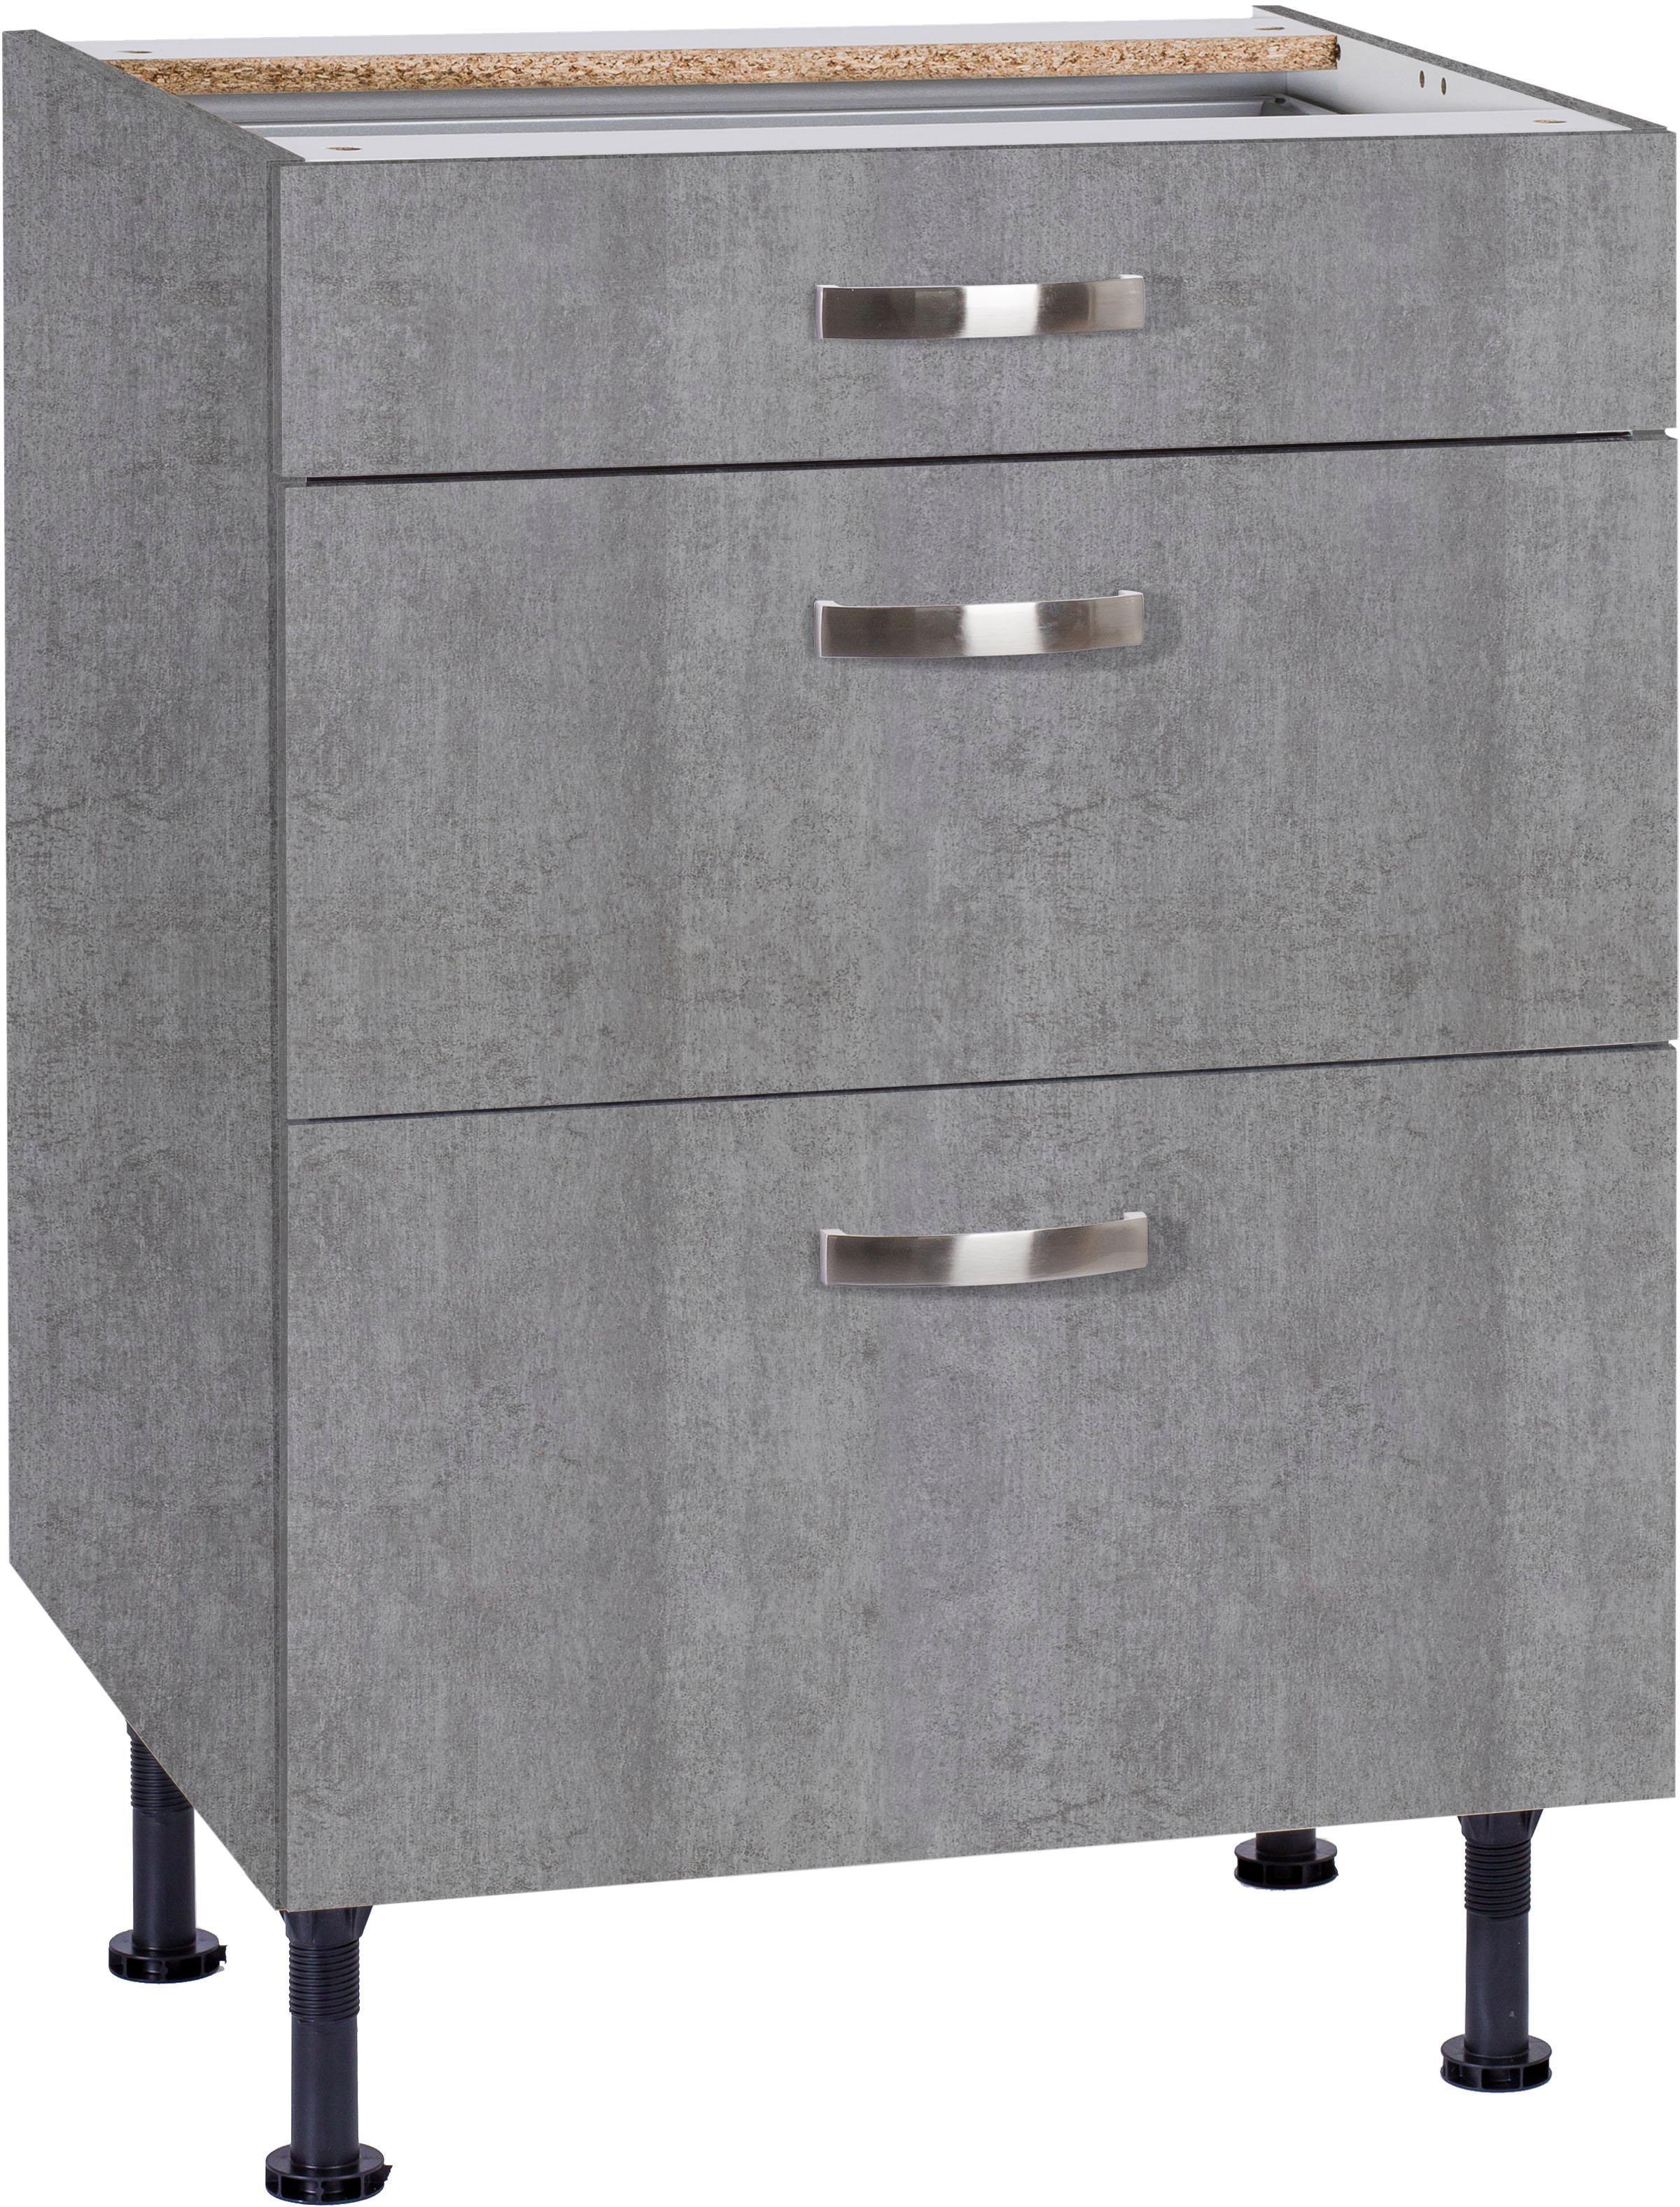 k che unterschrank 60 cm leuchten f r k che sp larmaturen kaufvertrag vormieter muster. Black Bedroom Furniture Sets. Home Design Ideas